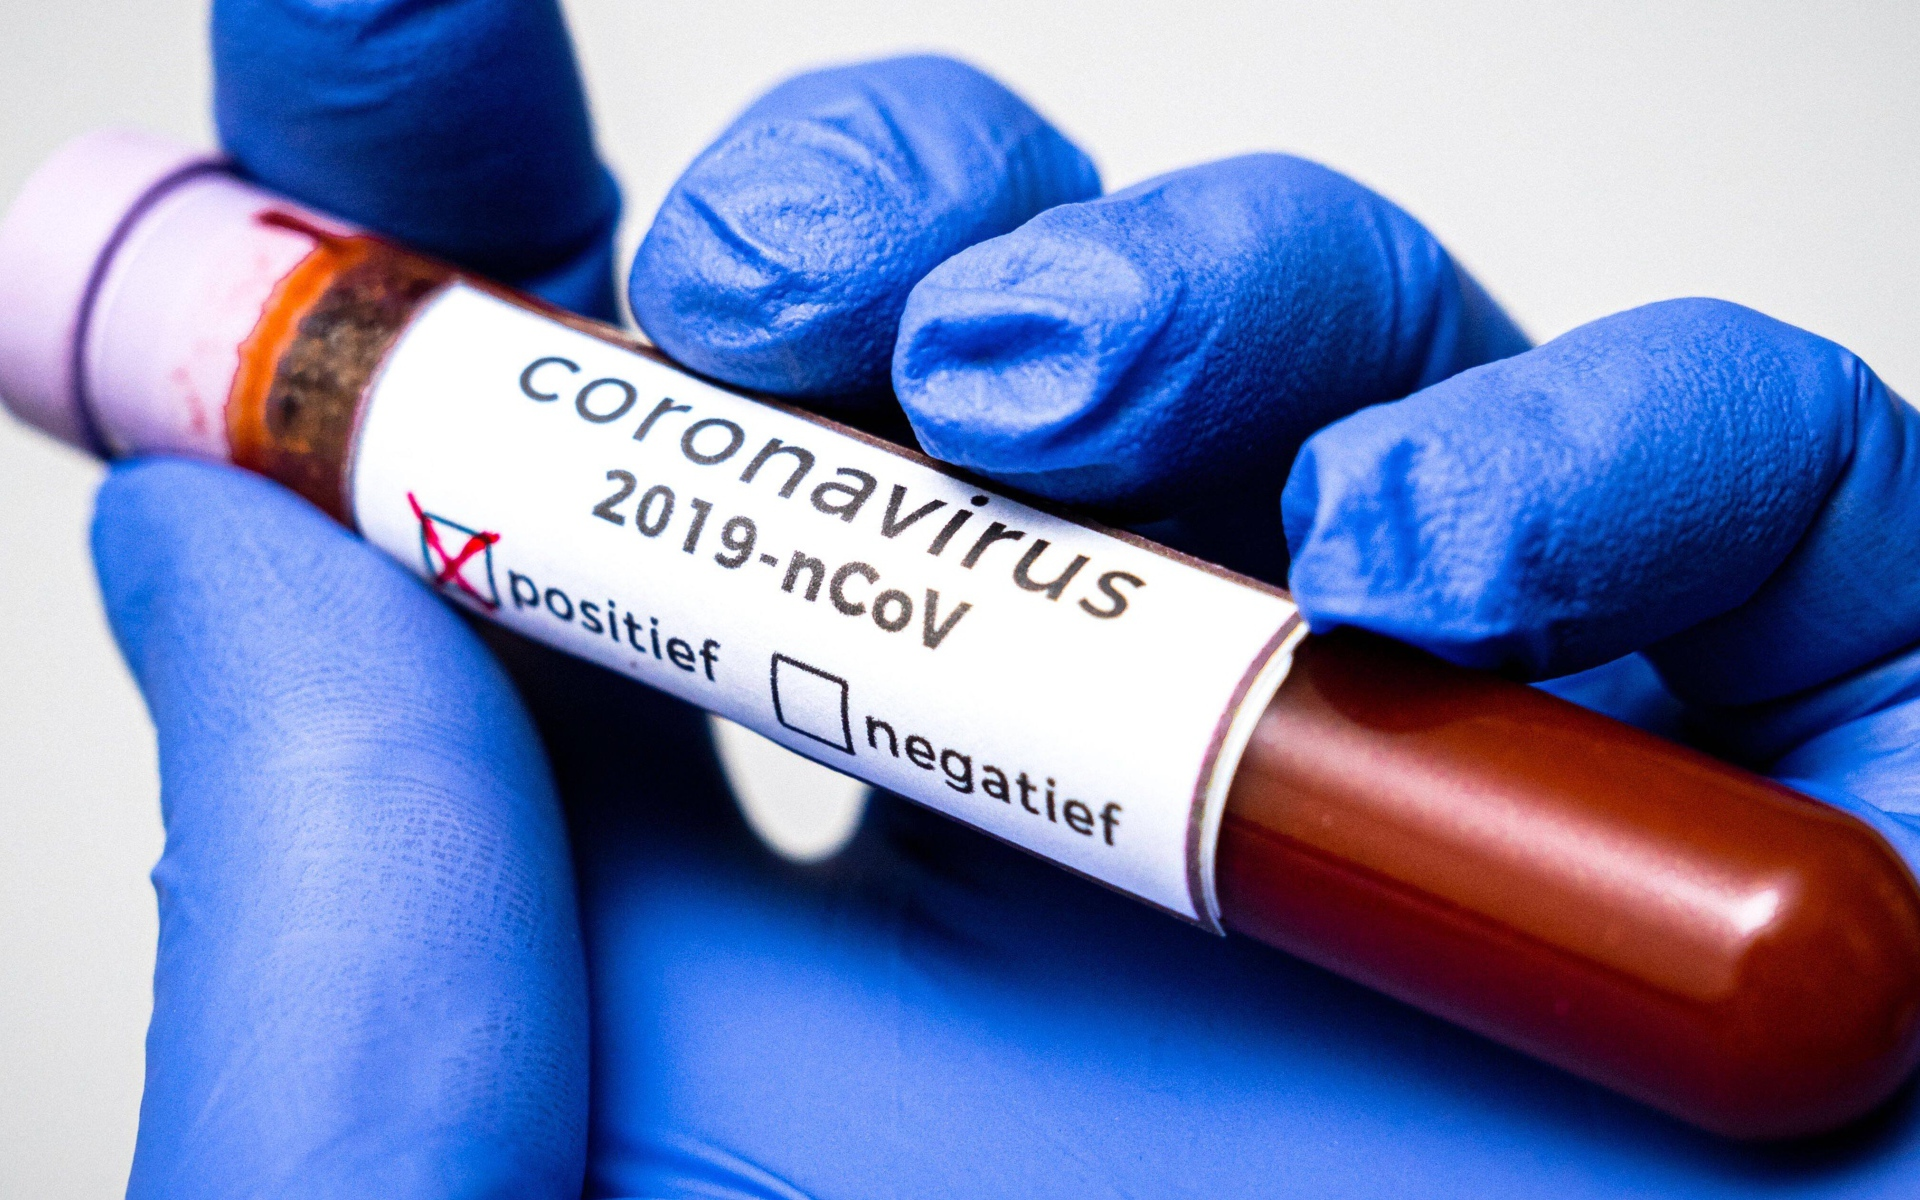 Новые данные по COVID-19: 995 случаев заражения за сутки, около 11,5% тестов показали наличие вируса